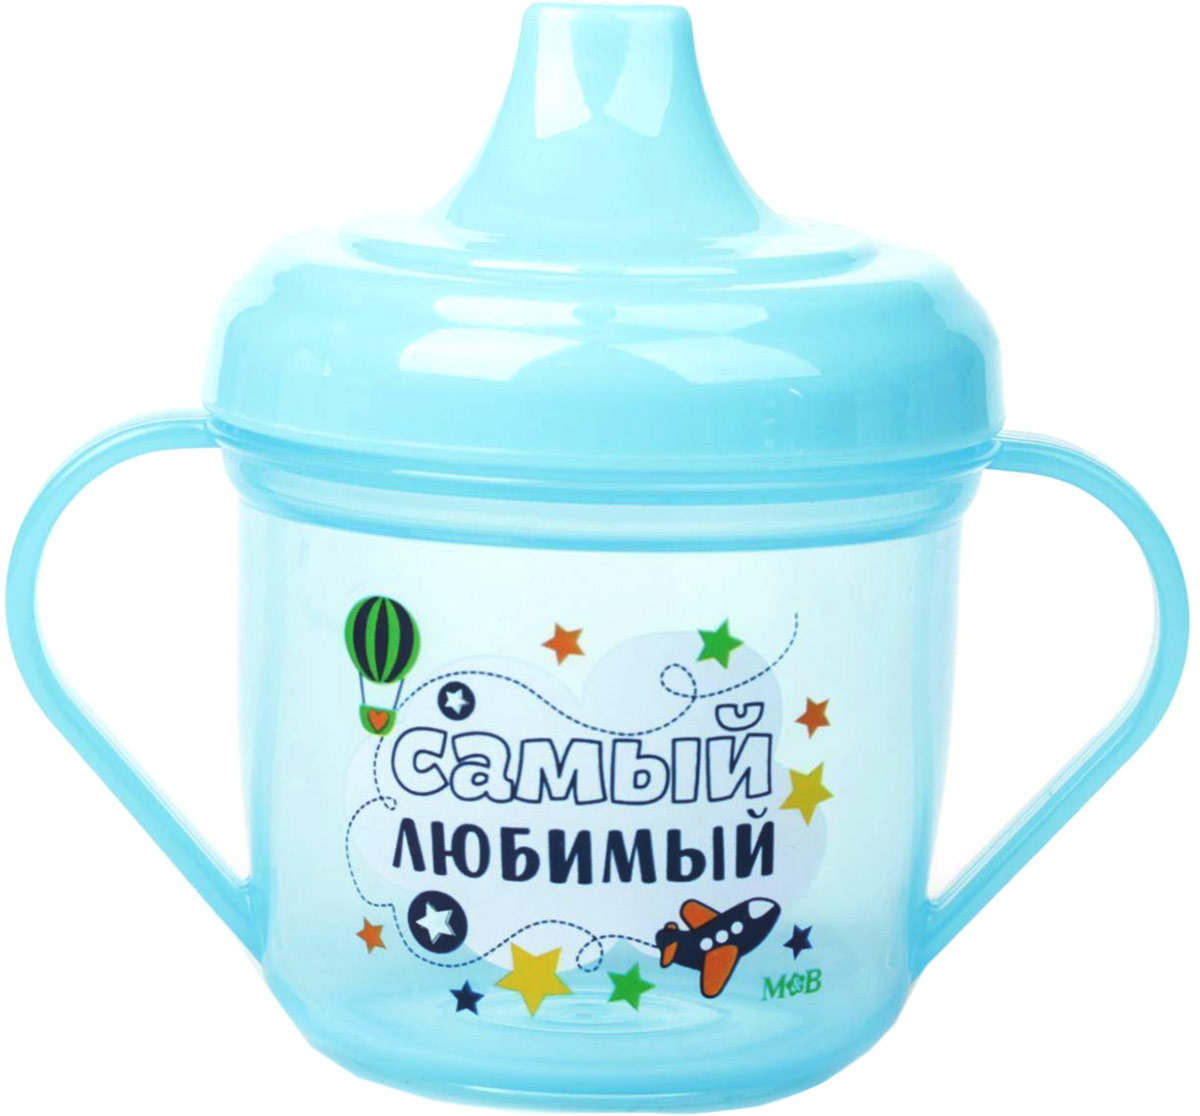 Mum&Baby Поильник с ручками Самый любимый цвет голубой 200 мл -  Поильники